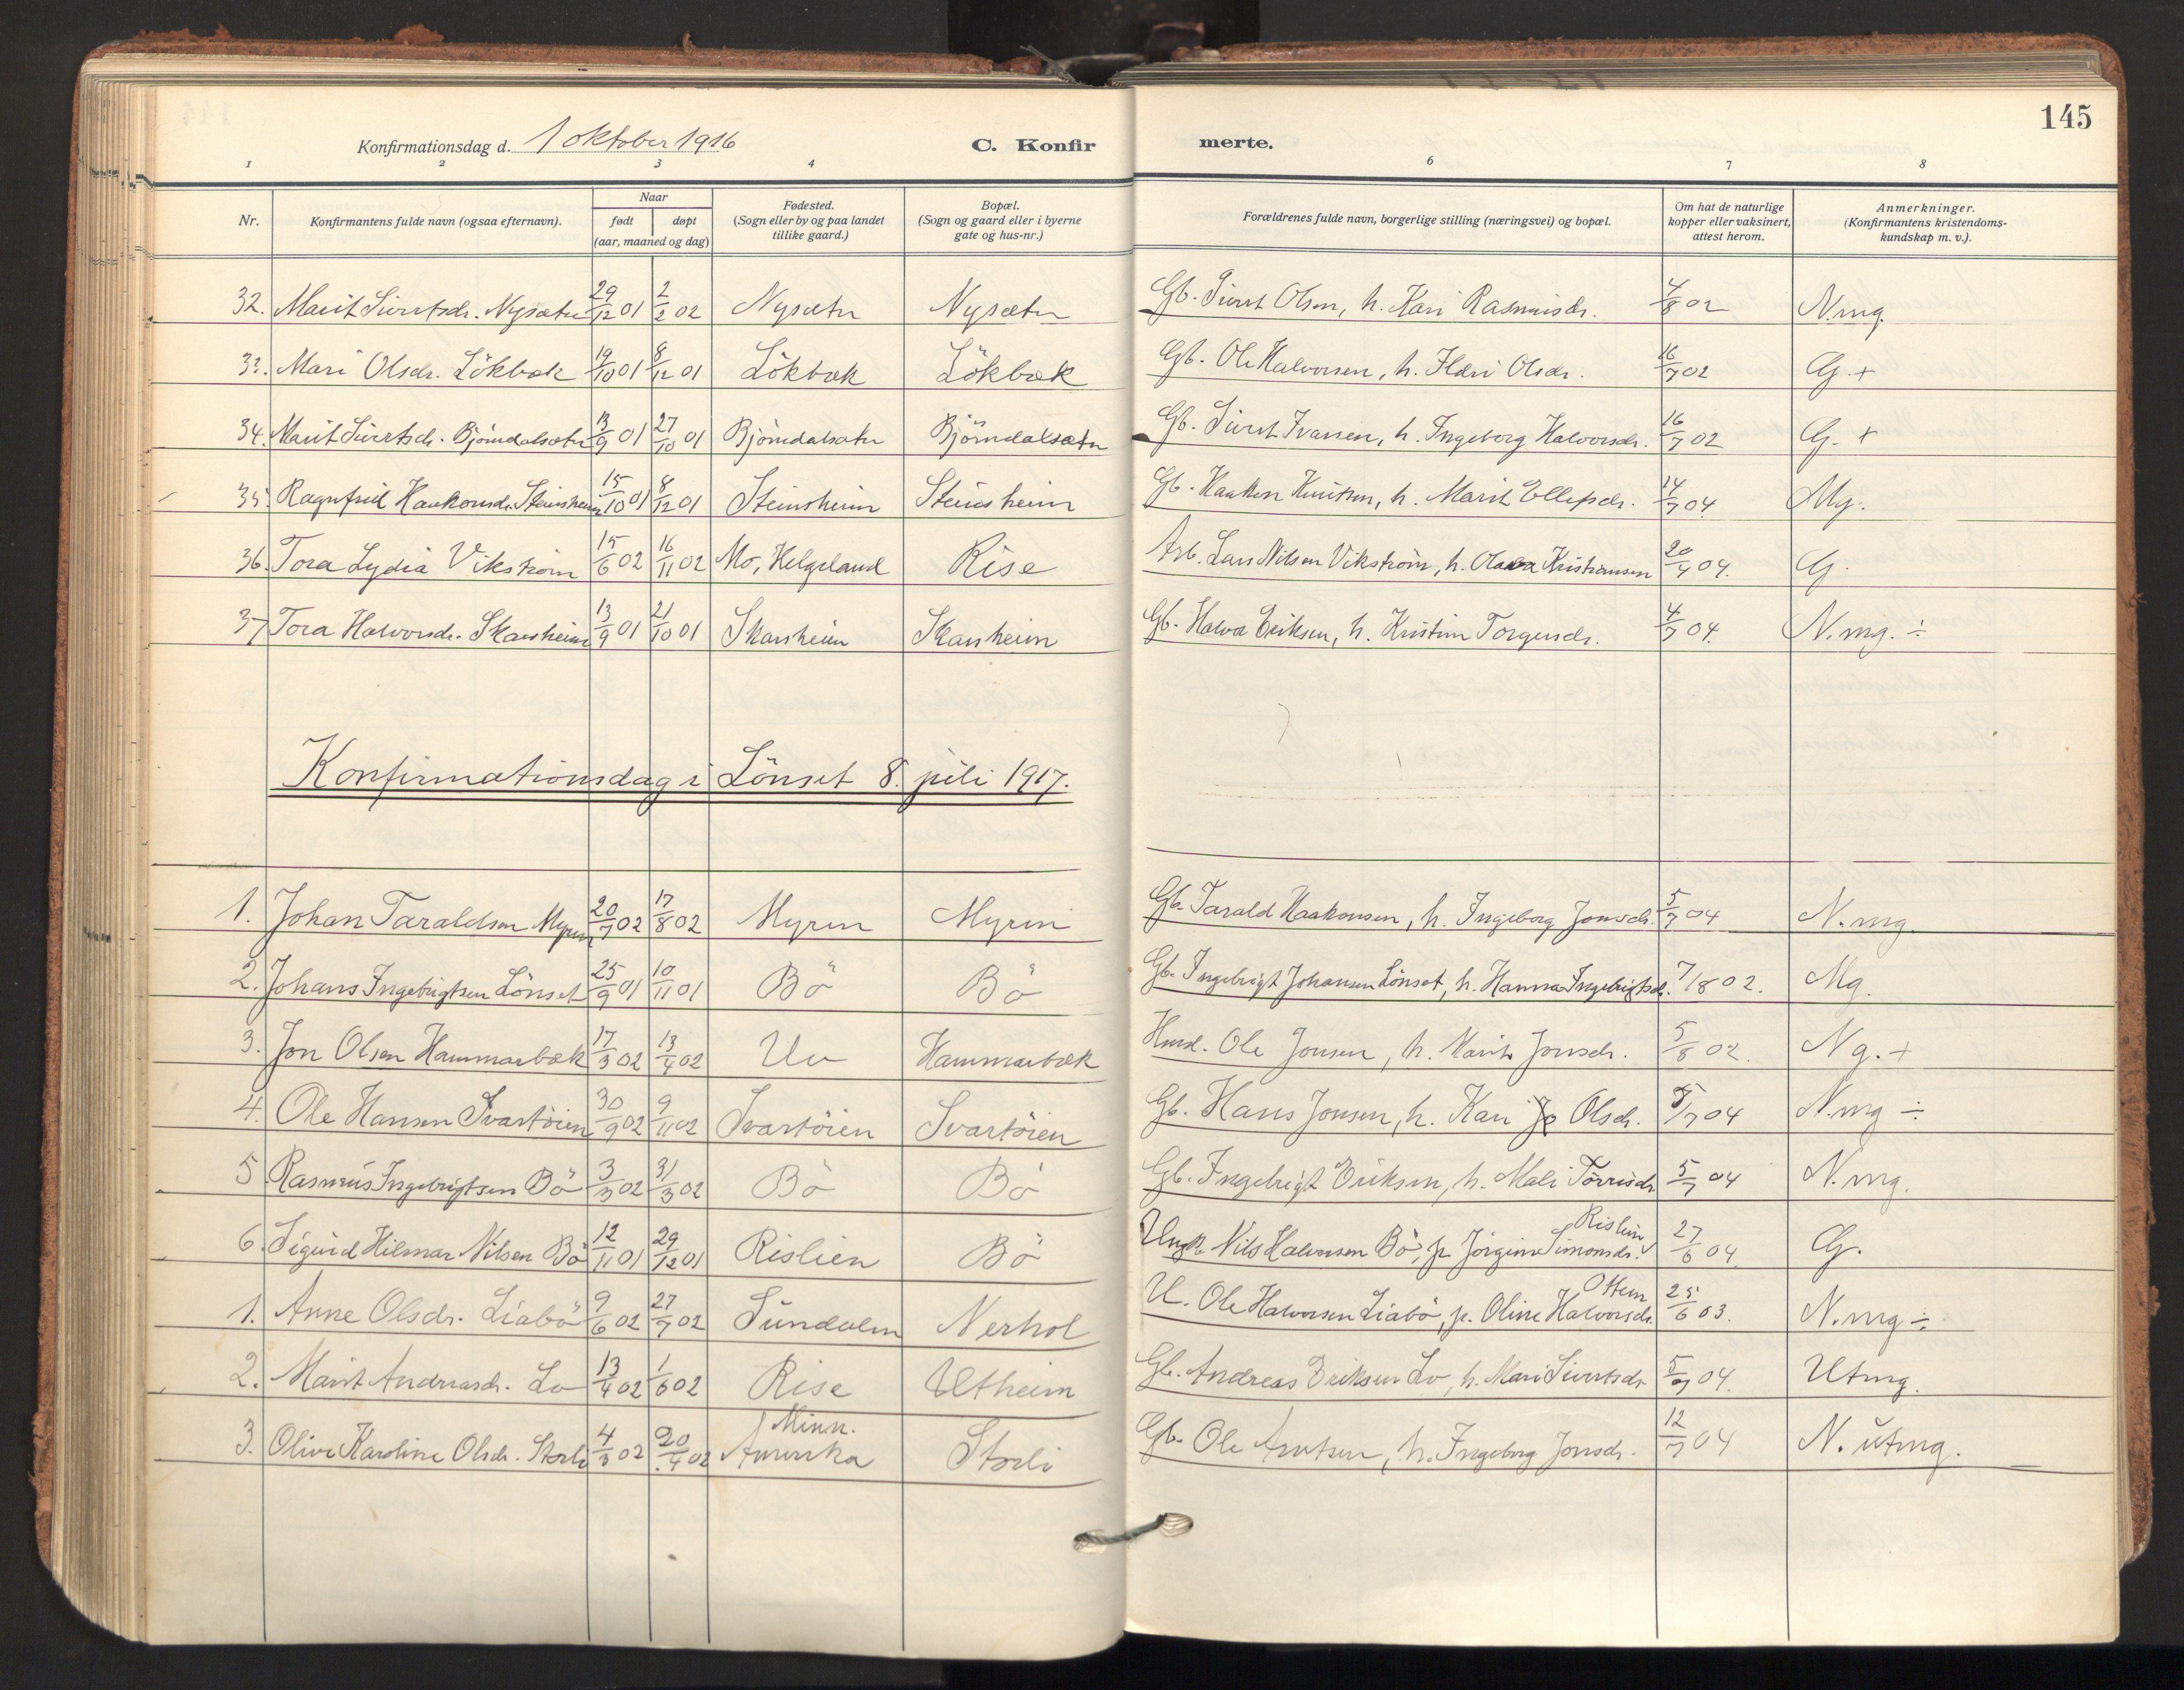 SAT, Ministerialprotokoller, klokkerbøker og fødselsregistre - Sør-Trøndelag, 678/L0909: Ministerialbok nr. 678A17, 1912-1930, s. 145